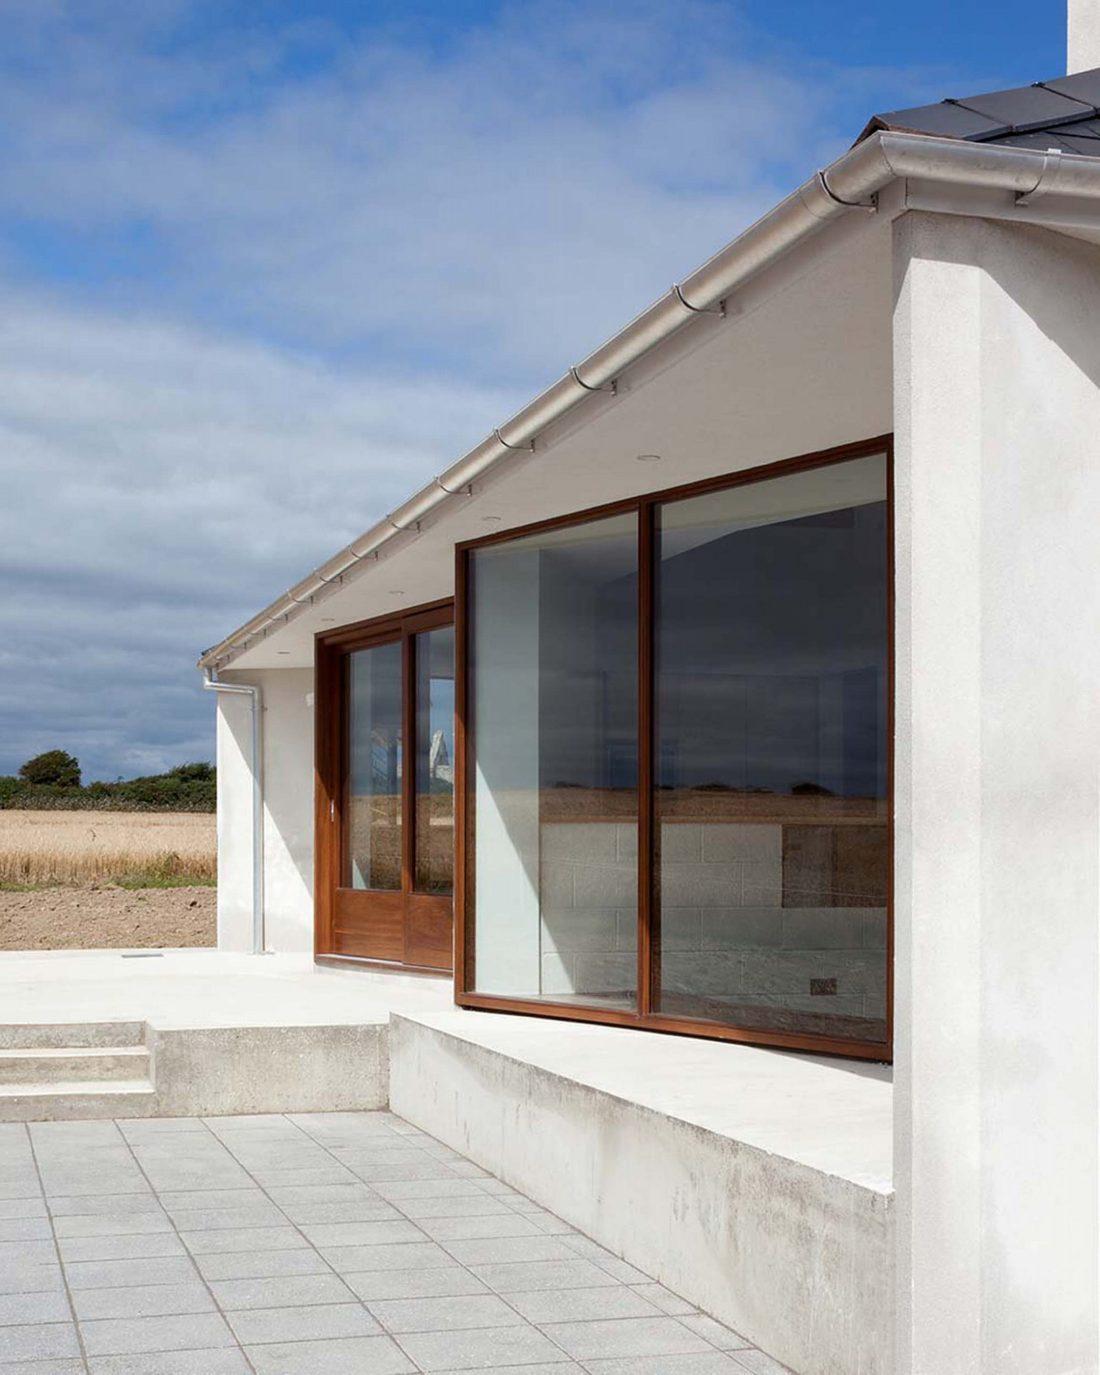 Сельский дом в Kilmore, Ирландия, от студии GKMP Architects 3